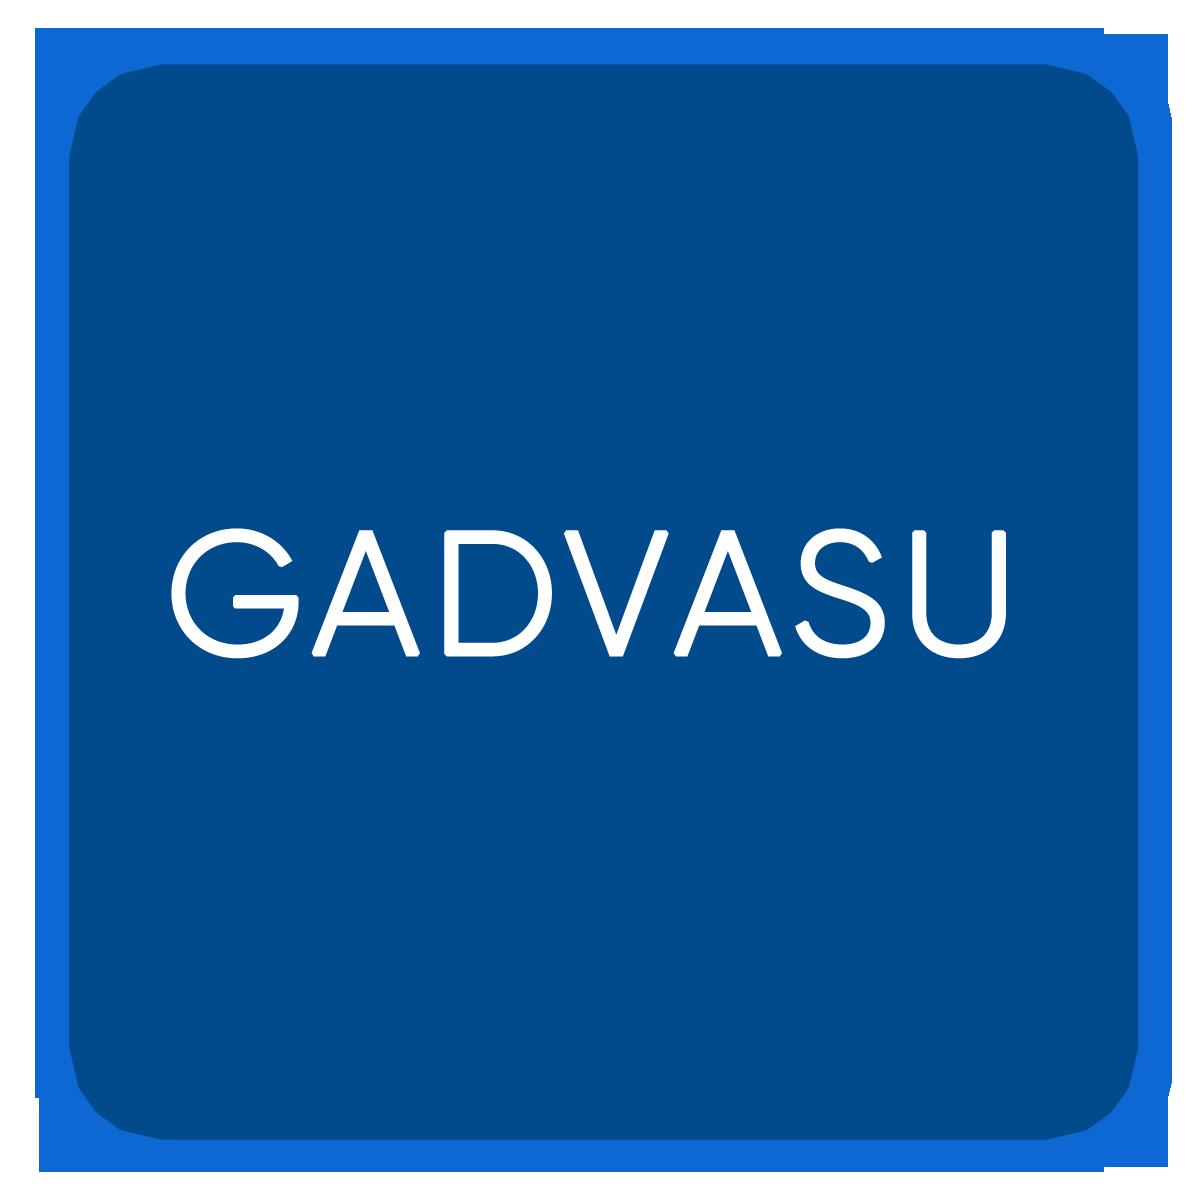 GADVASU